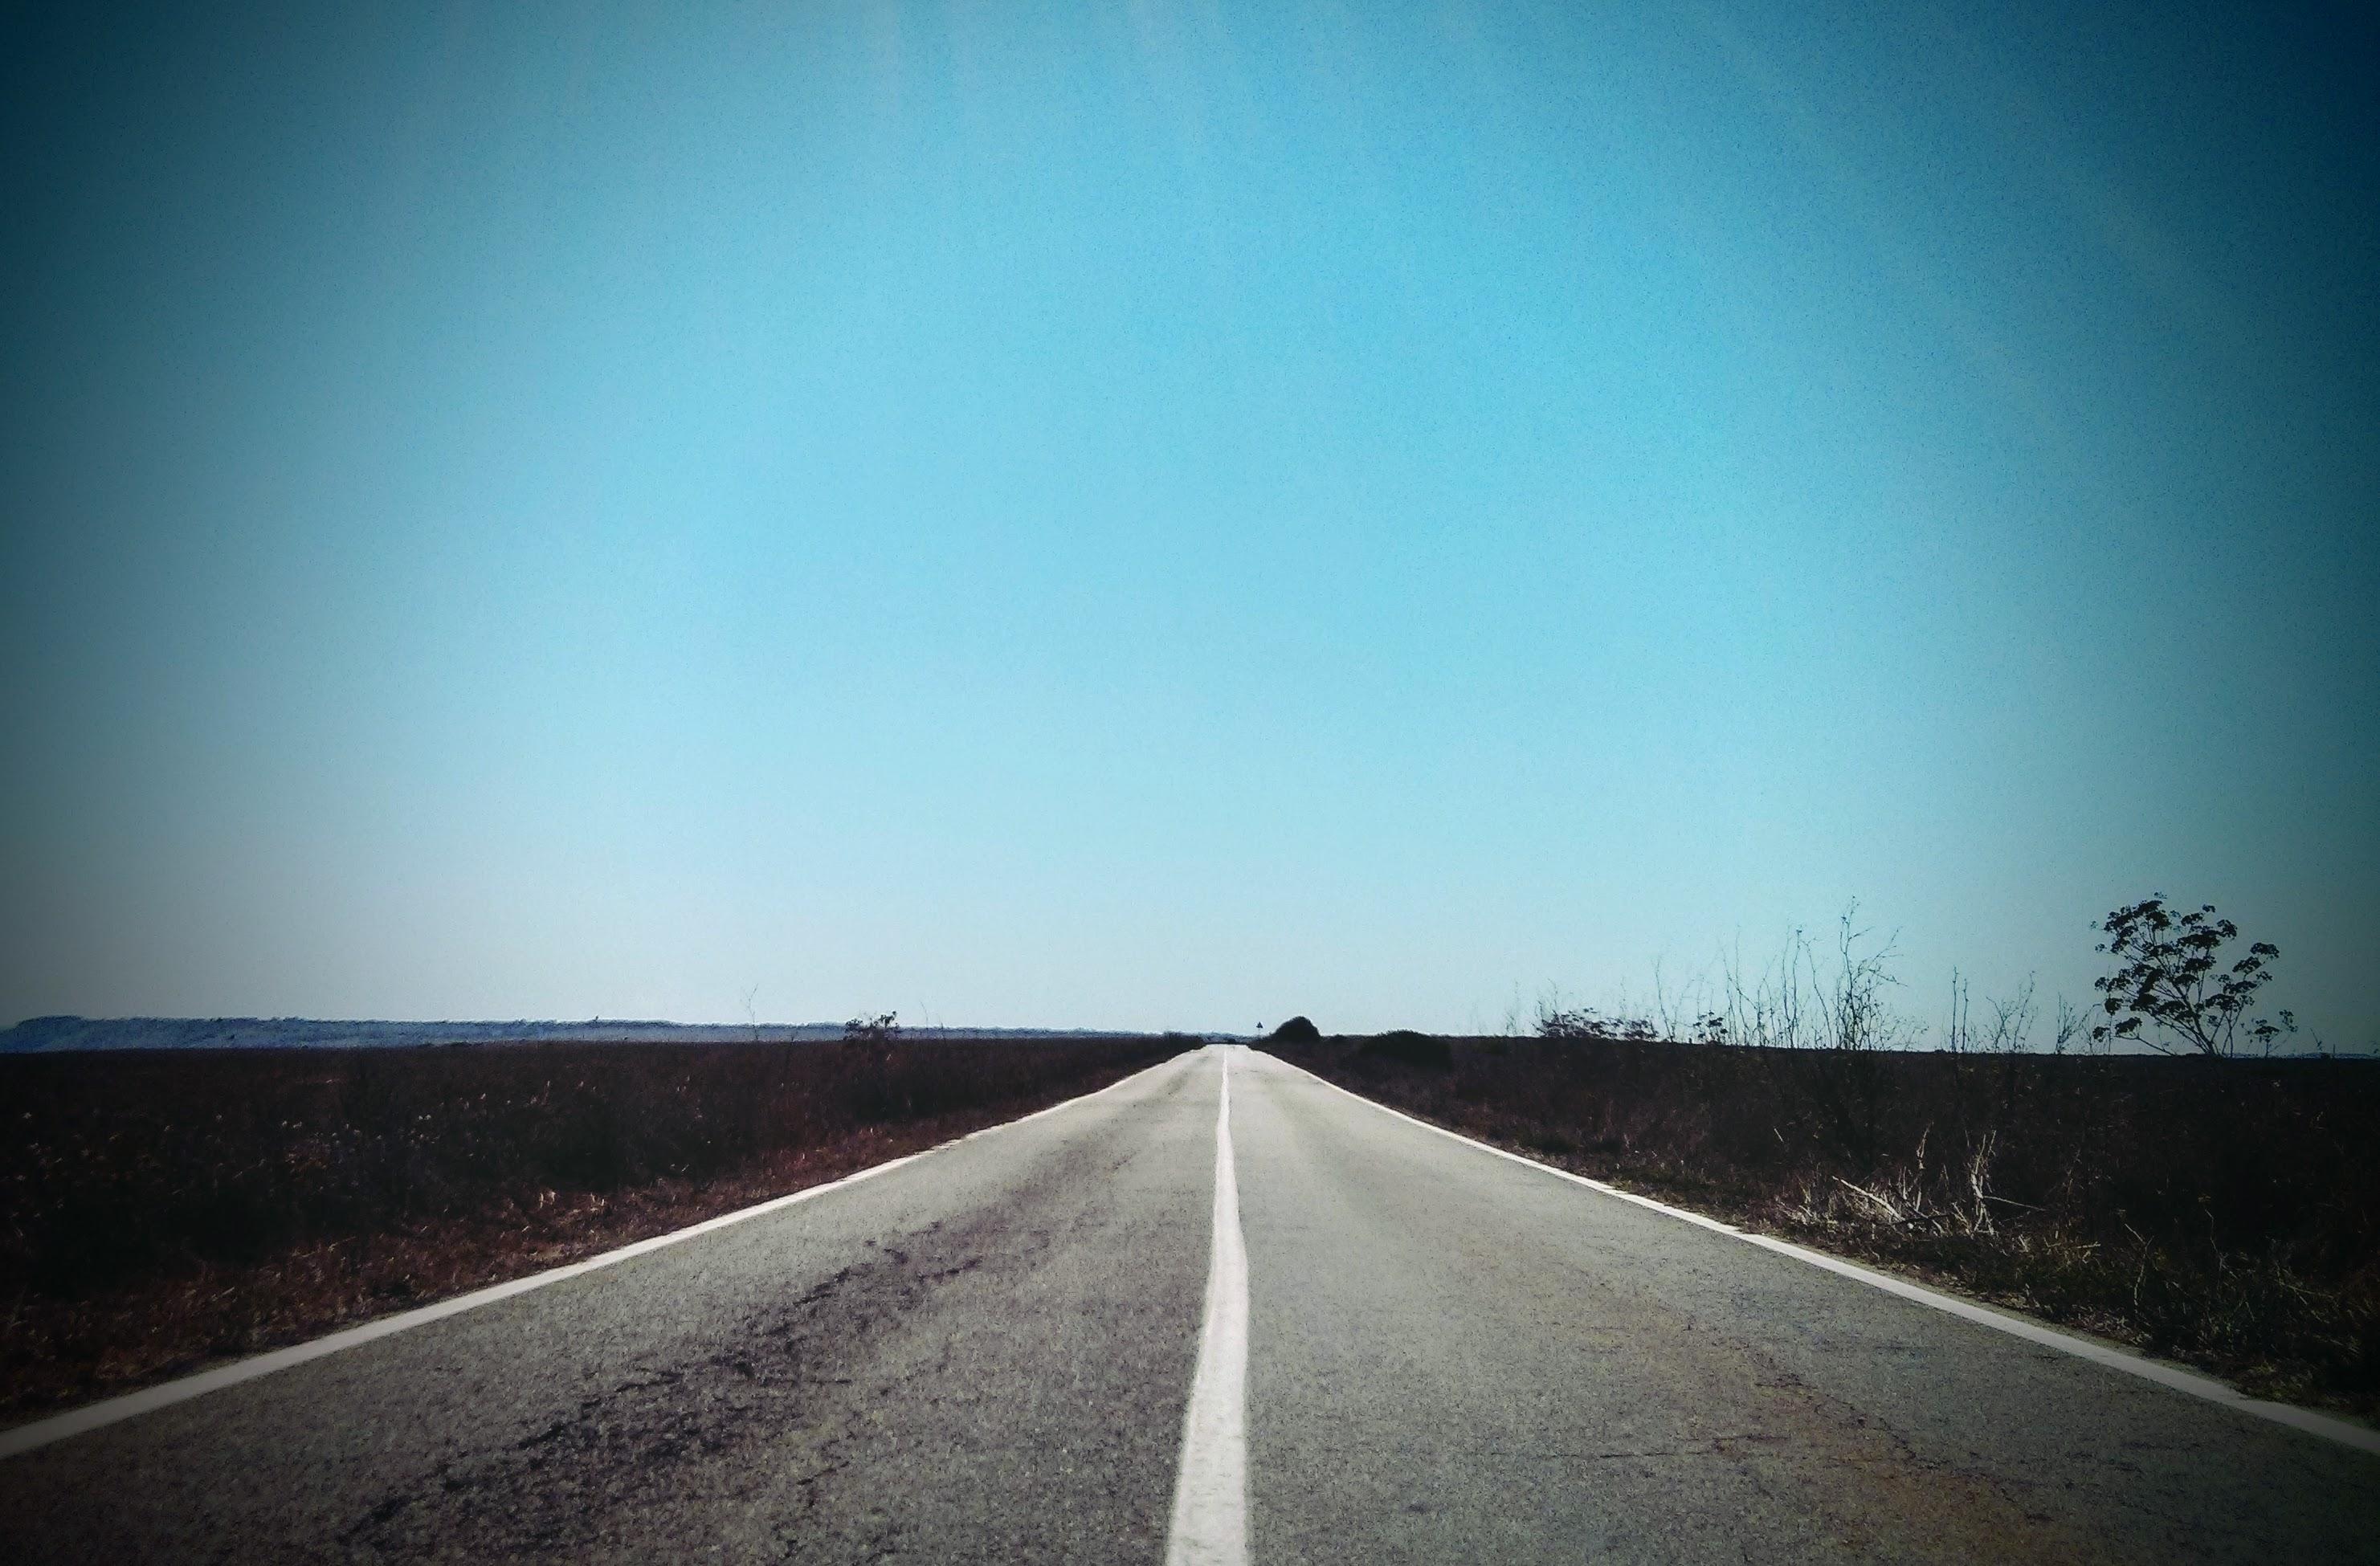 Strada, percorso, inizio.